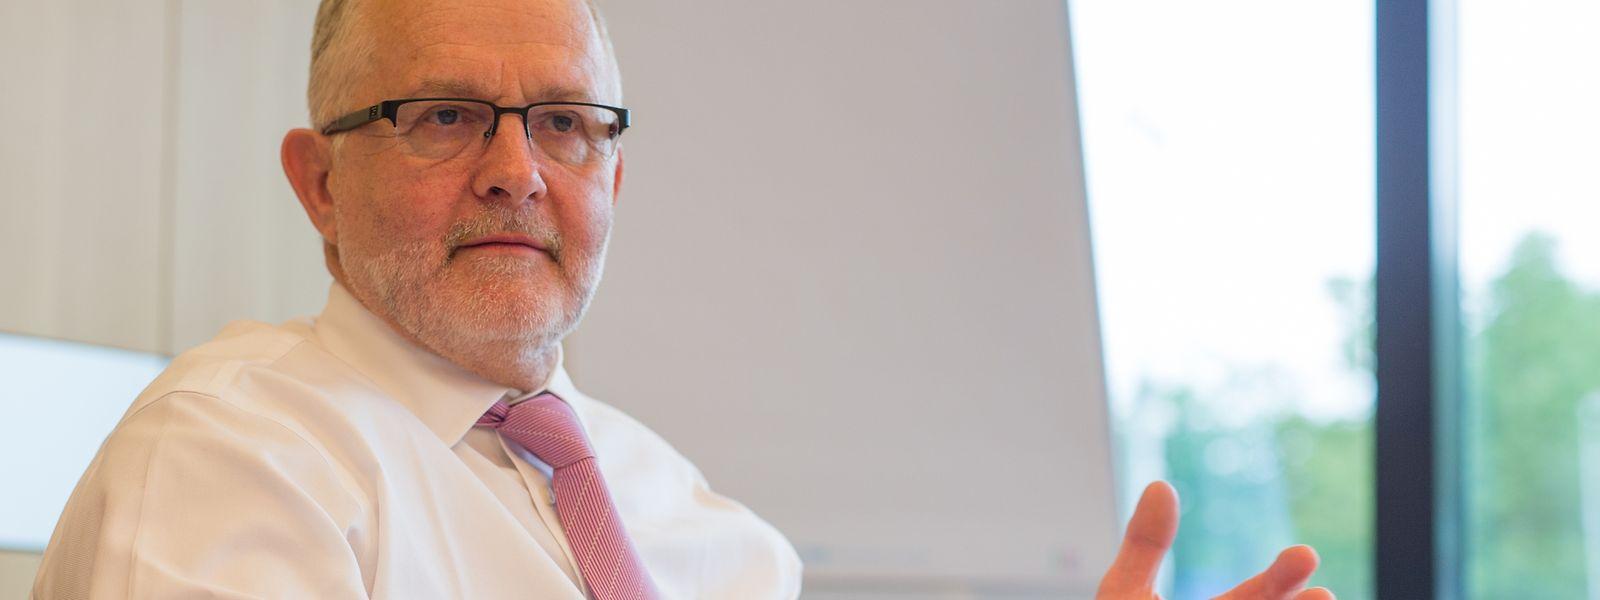 Sir Philip Craven ist seit 16 Jahren Präsident des Internationalen Paralympischen Komitees.